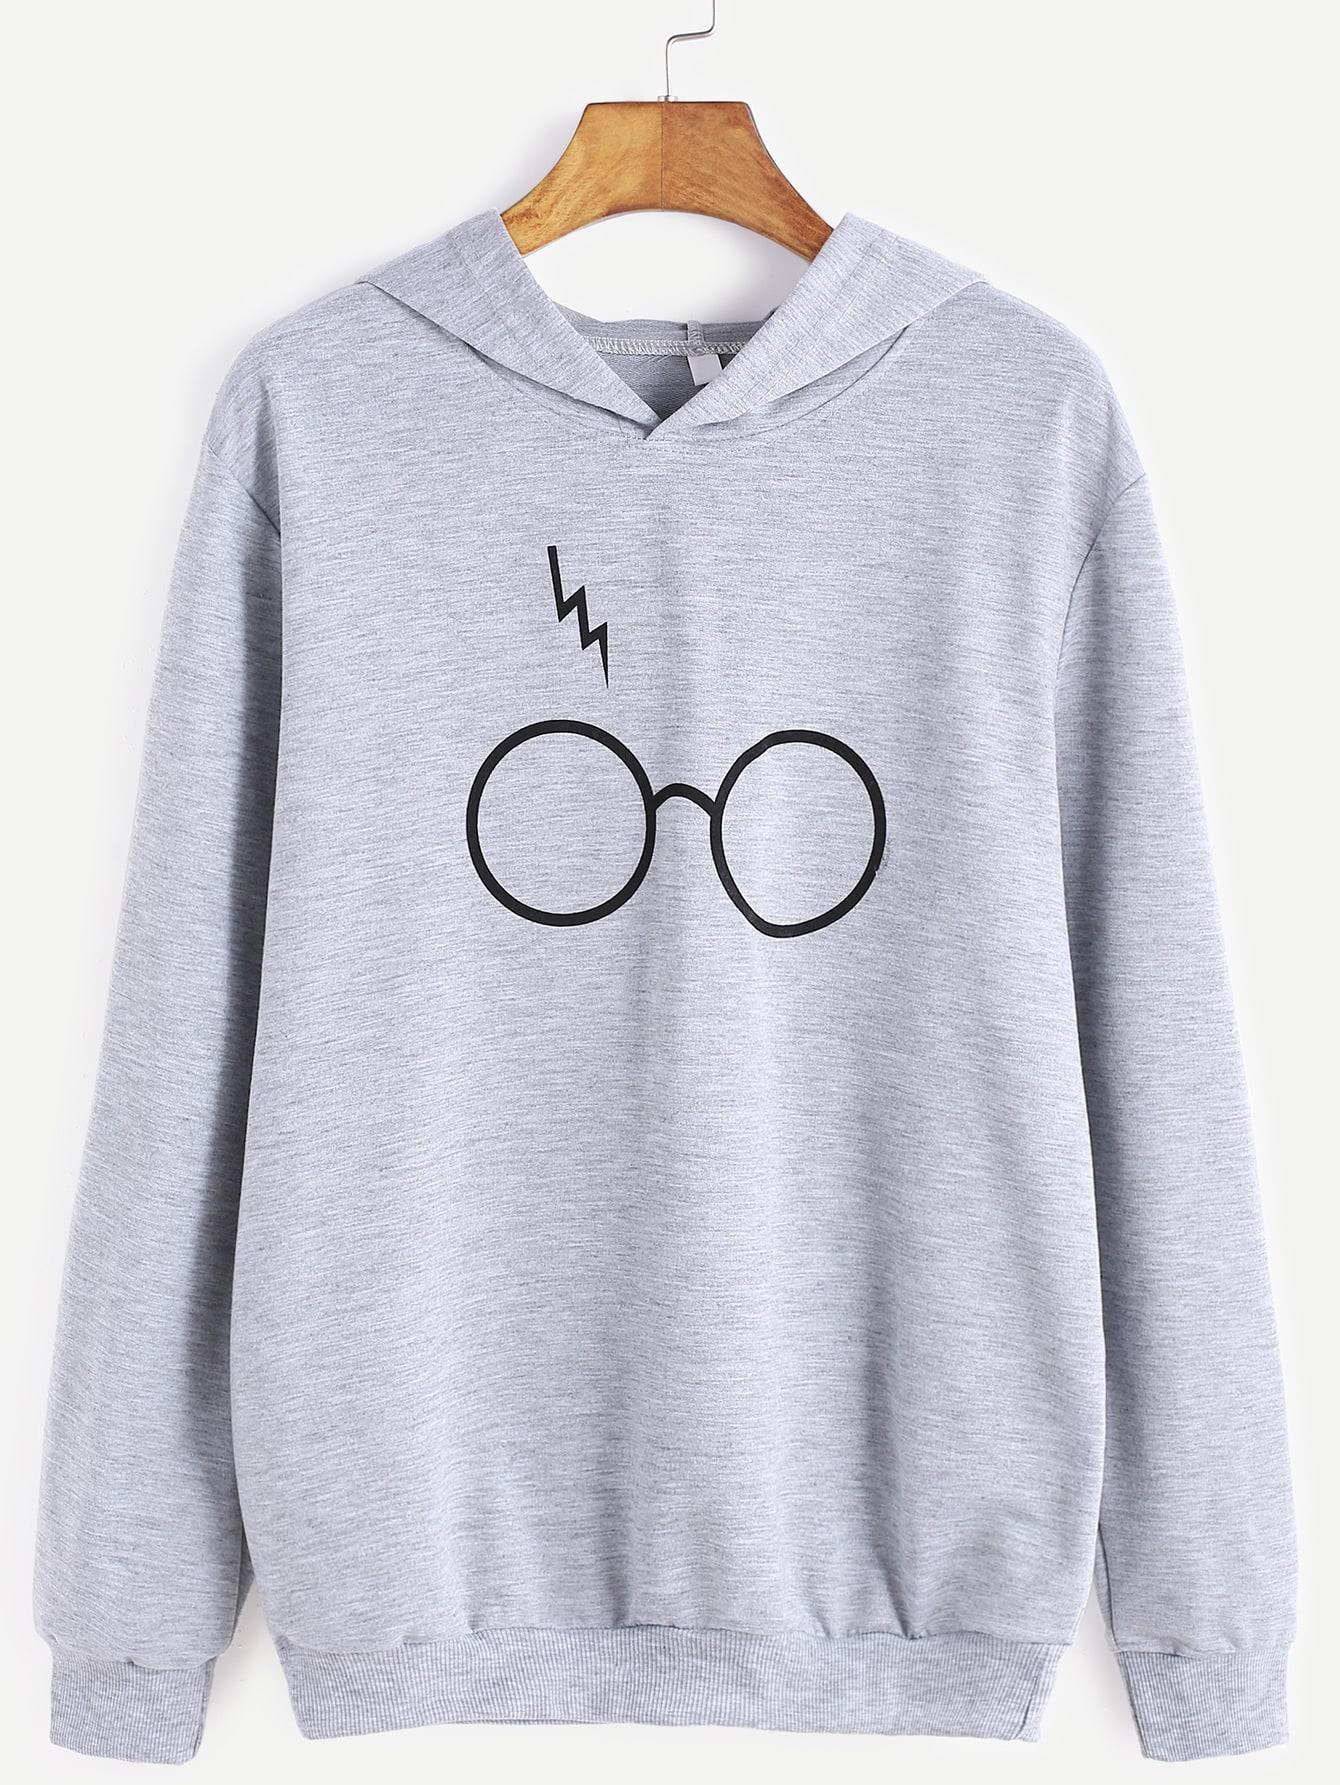 sweatshirt161123105_2